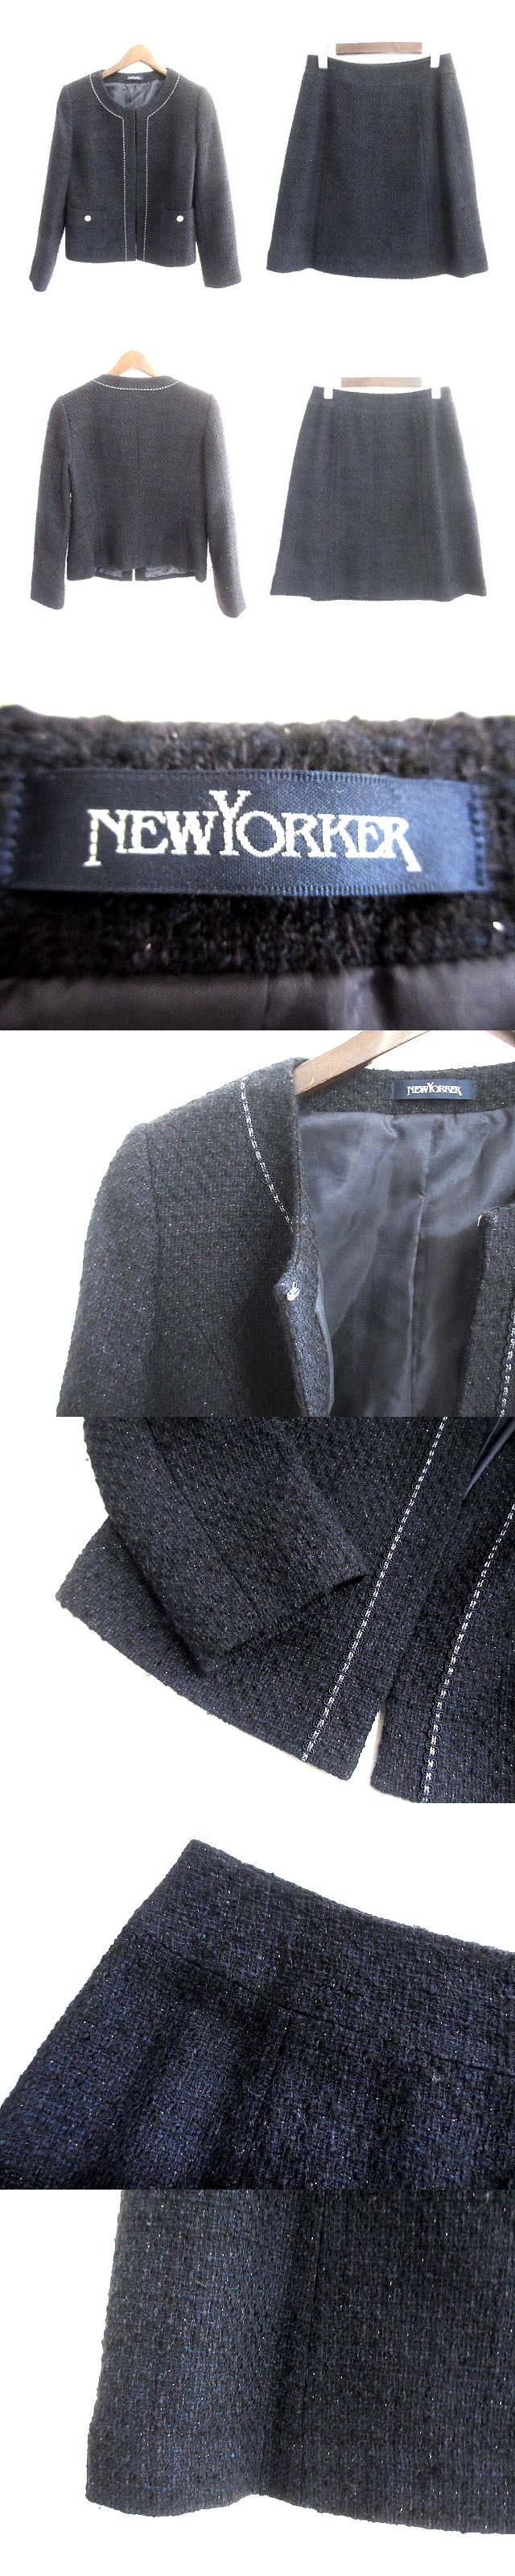 セットアップ 9AR 64-91 紺 ネイビー ウール混 刺繍 ラメ ツイード ノーカラー ジャケット ミニ スカート 上下